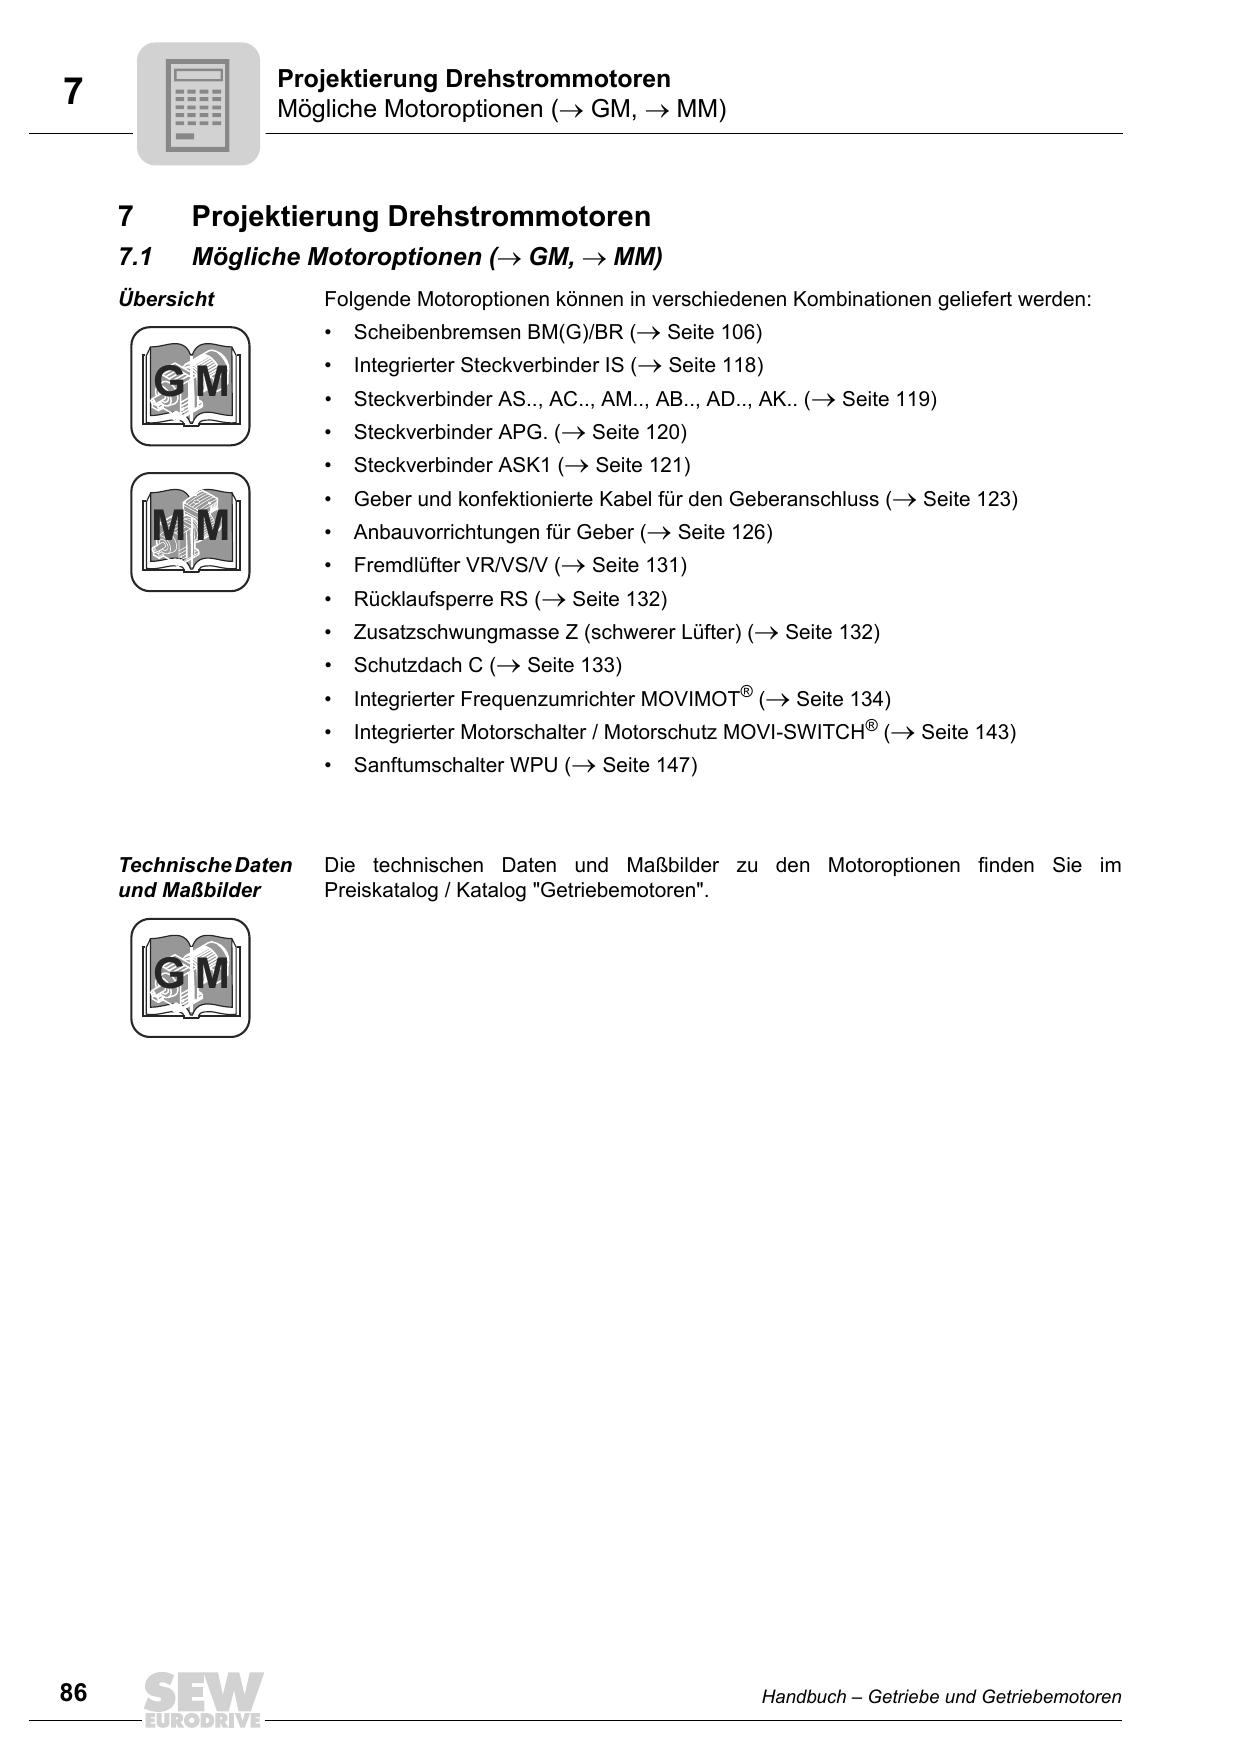 hochlaufzeit dxrehstrommotor unter last